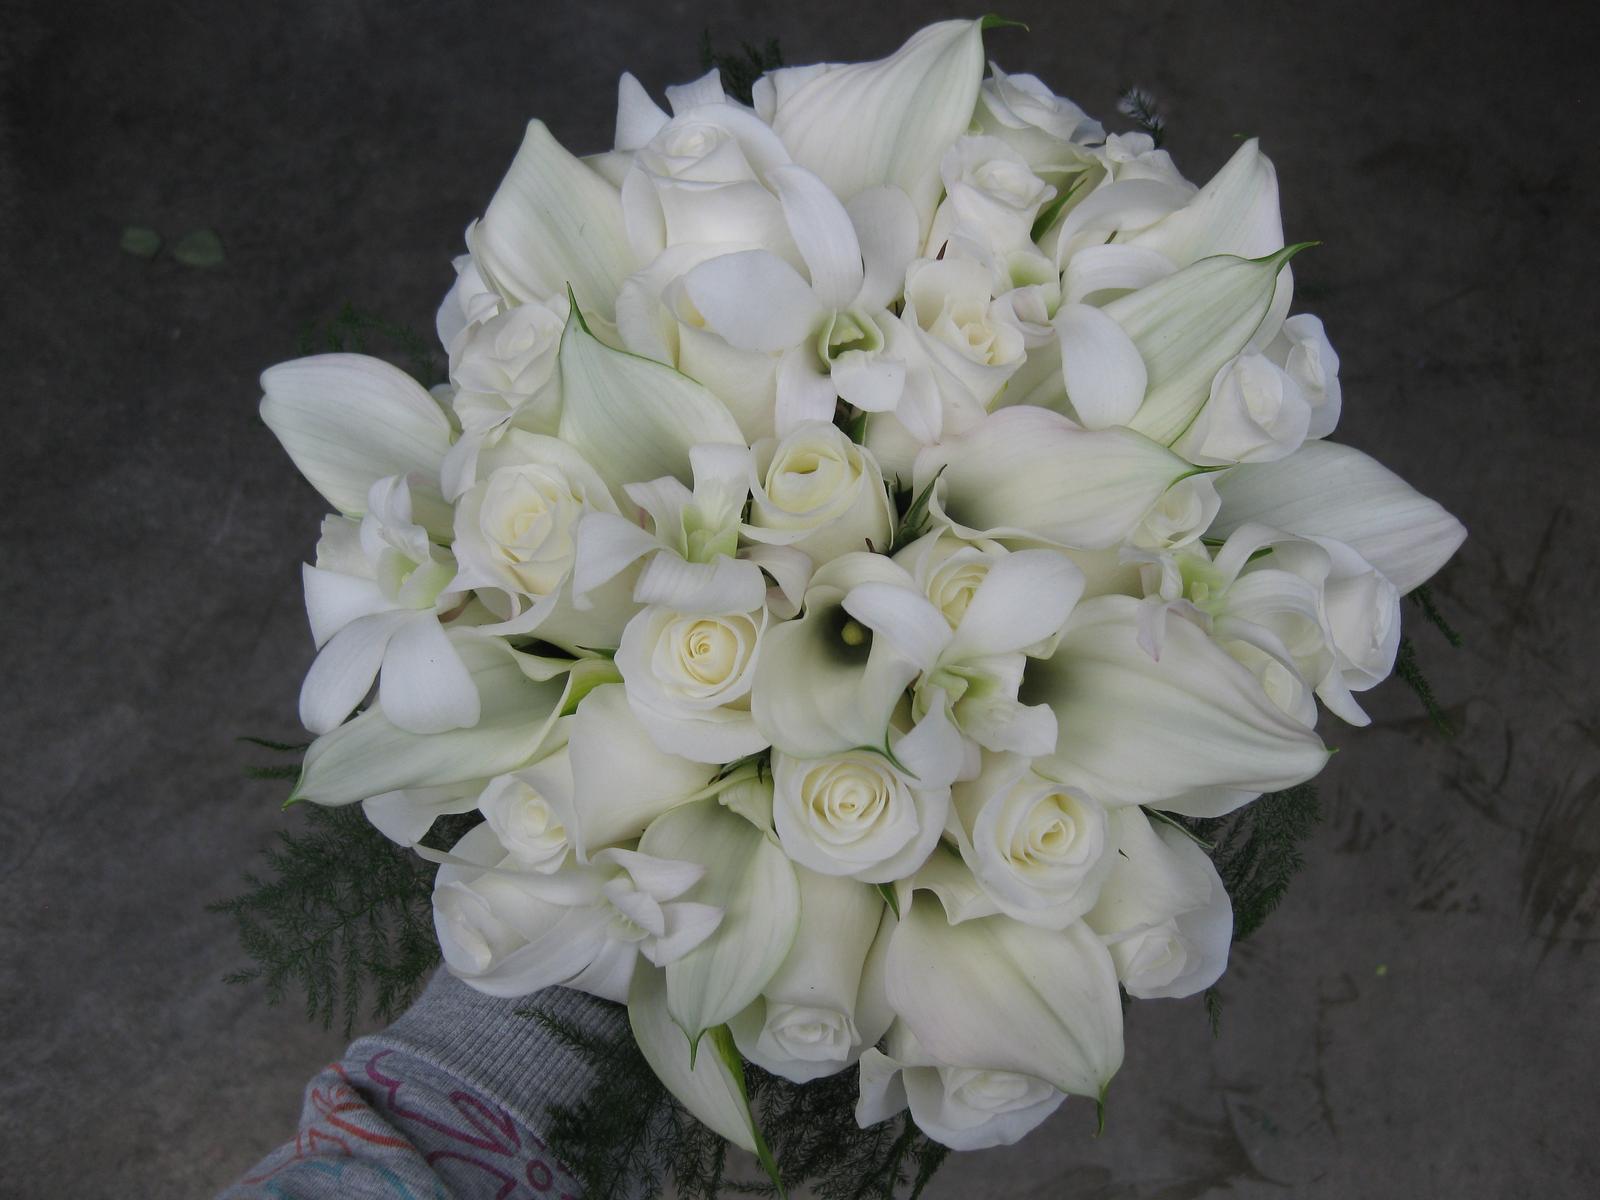 Svatba komplet čistě bílá - Obrázek č. 33